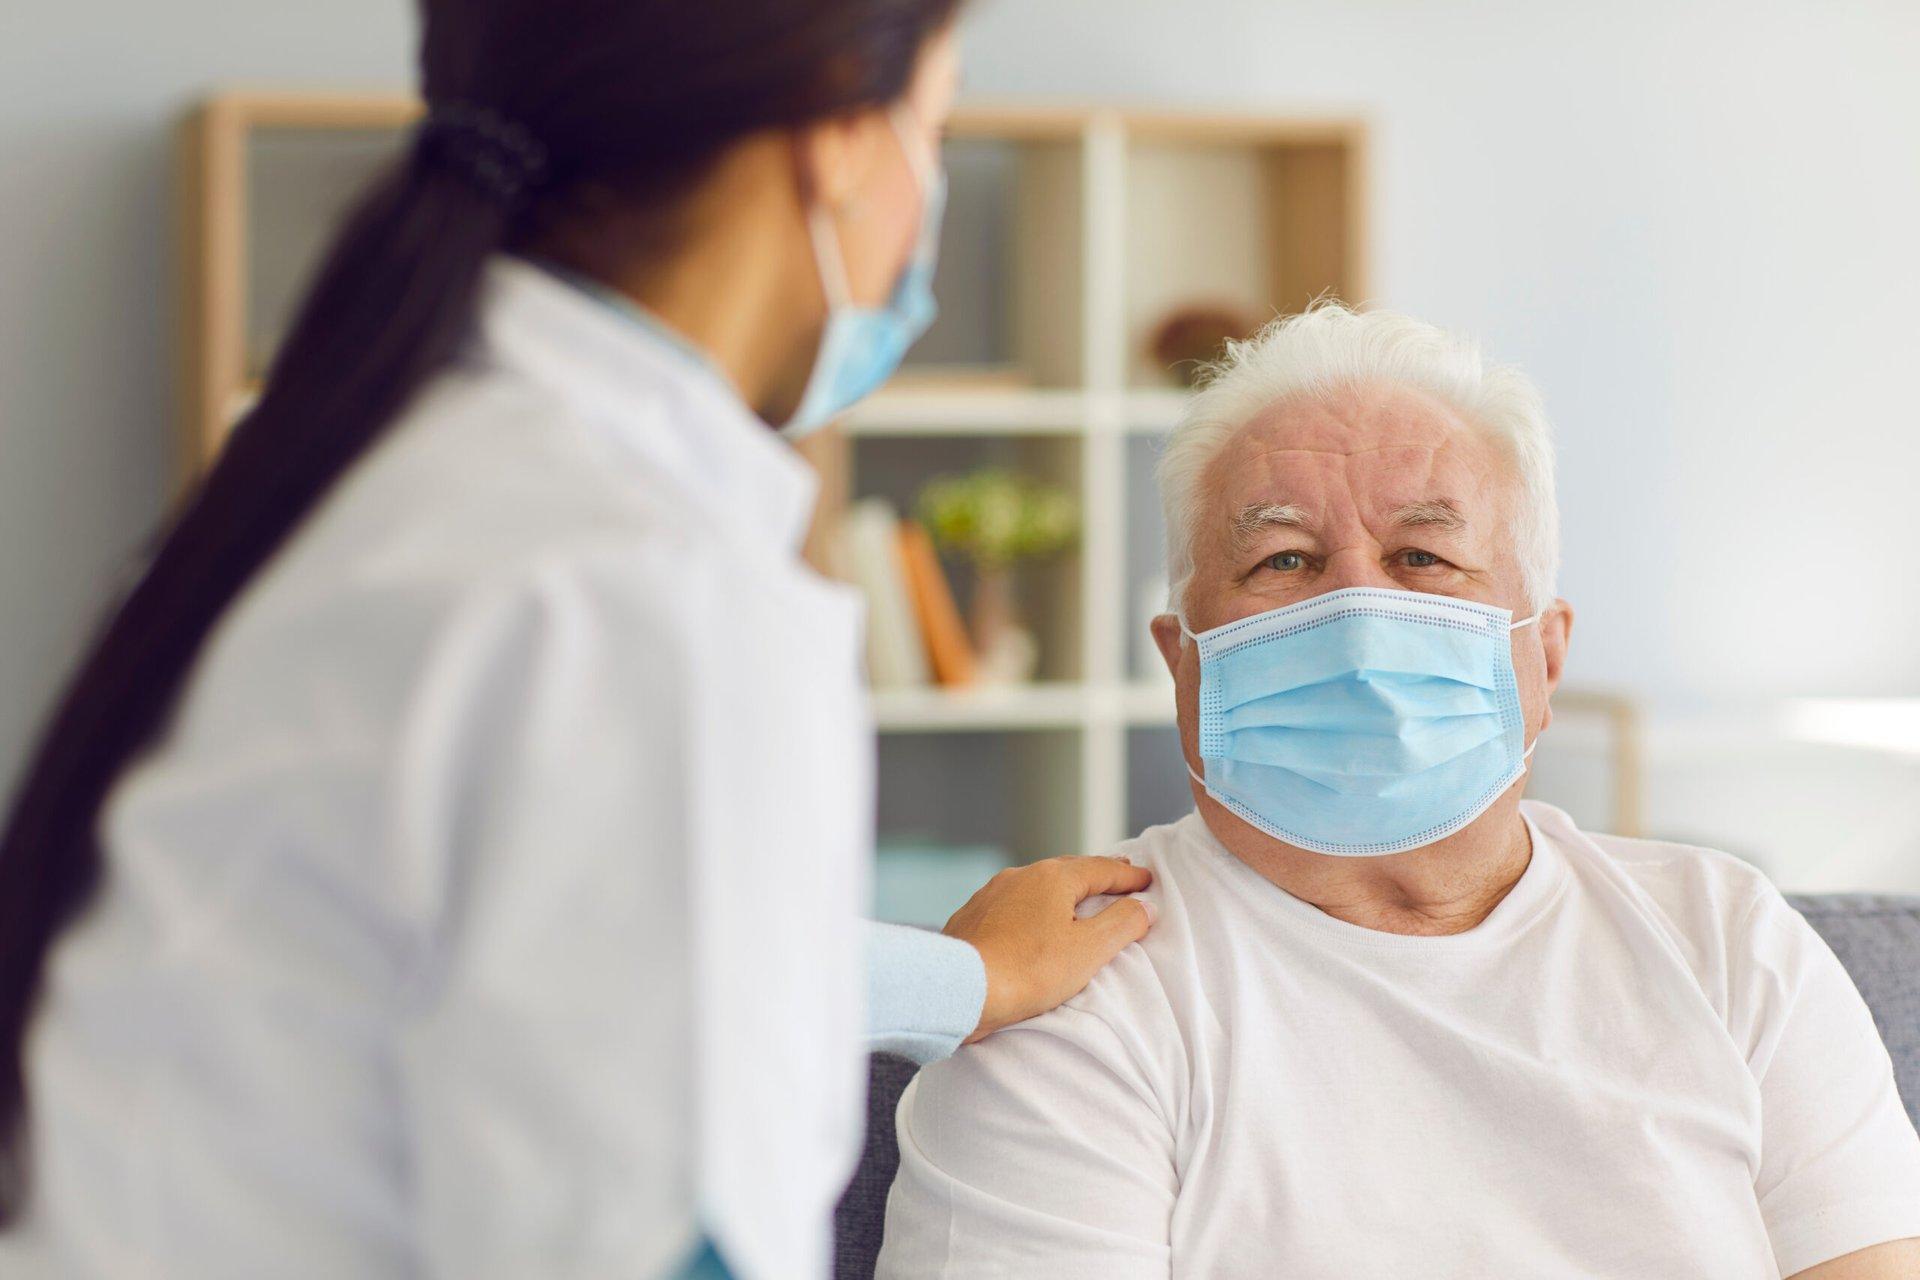 Senior health care patient